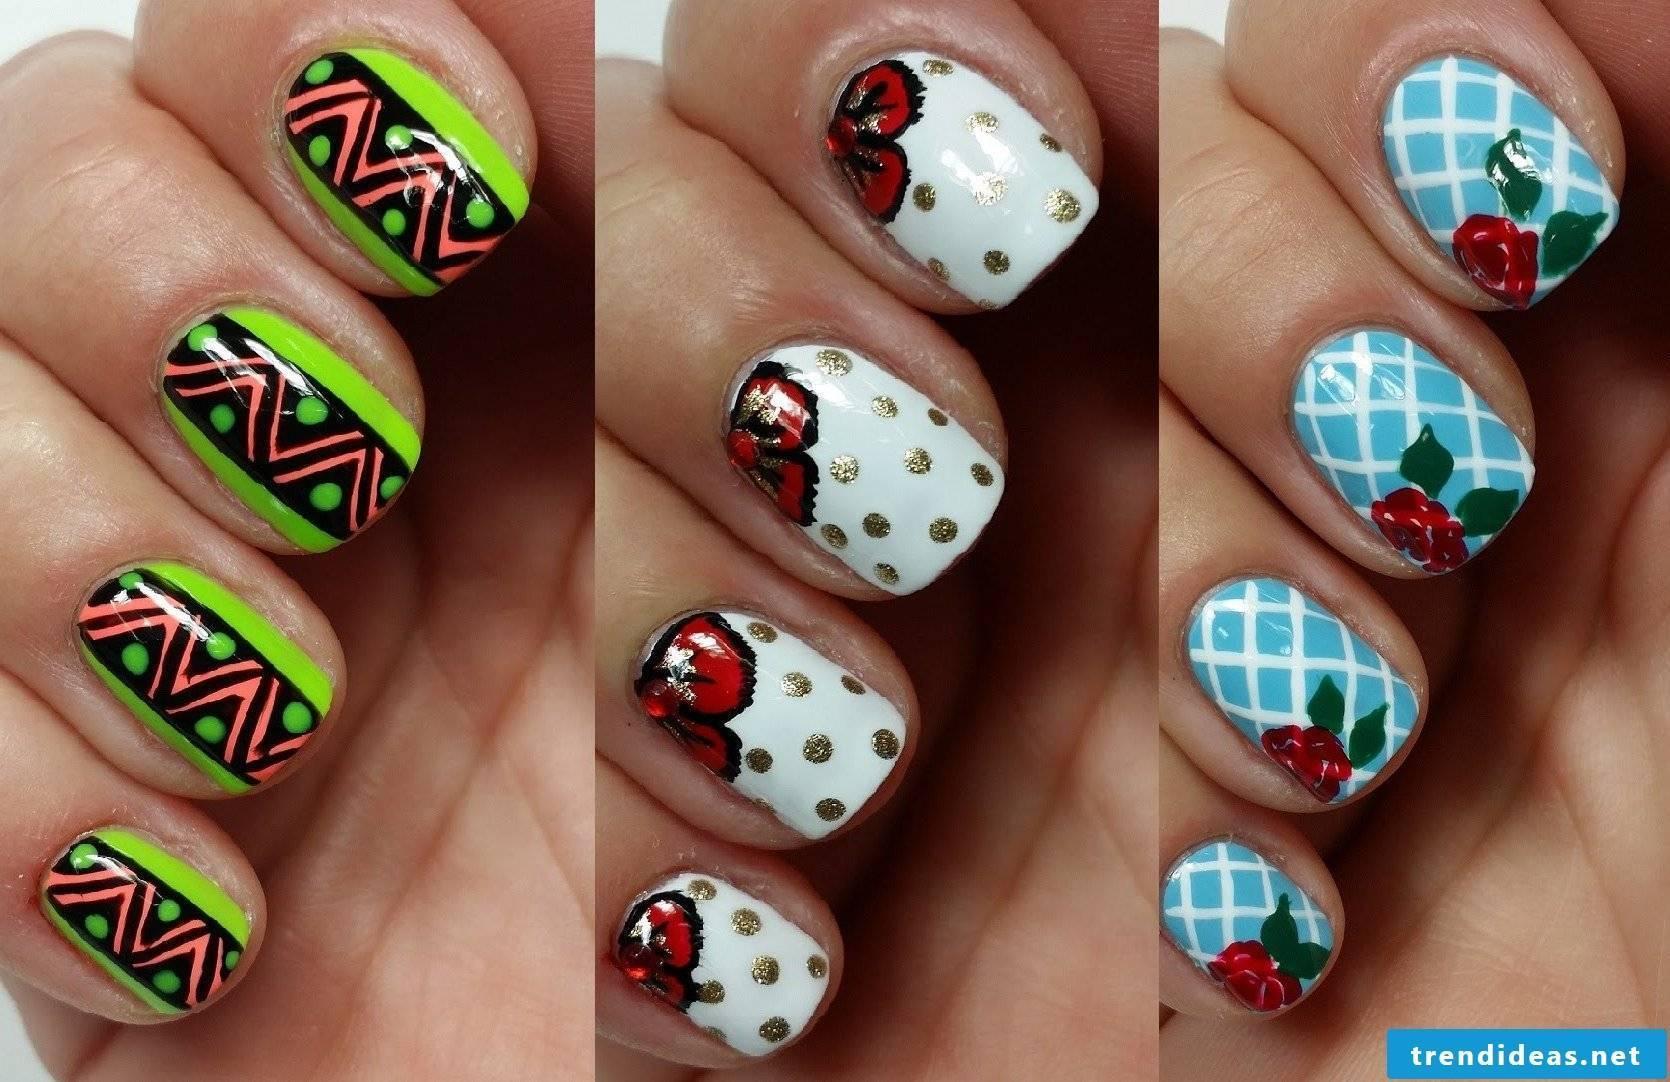 Nail art design easy to make with nail polish